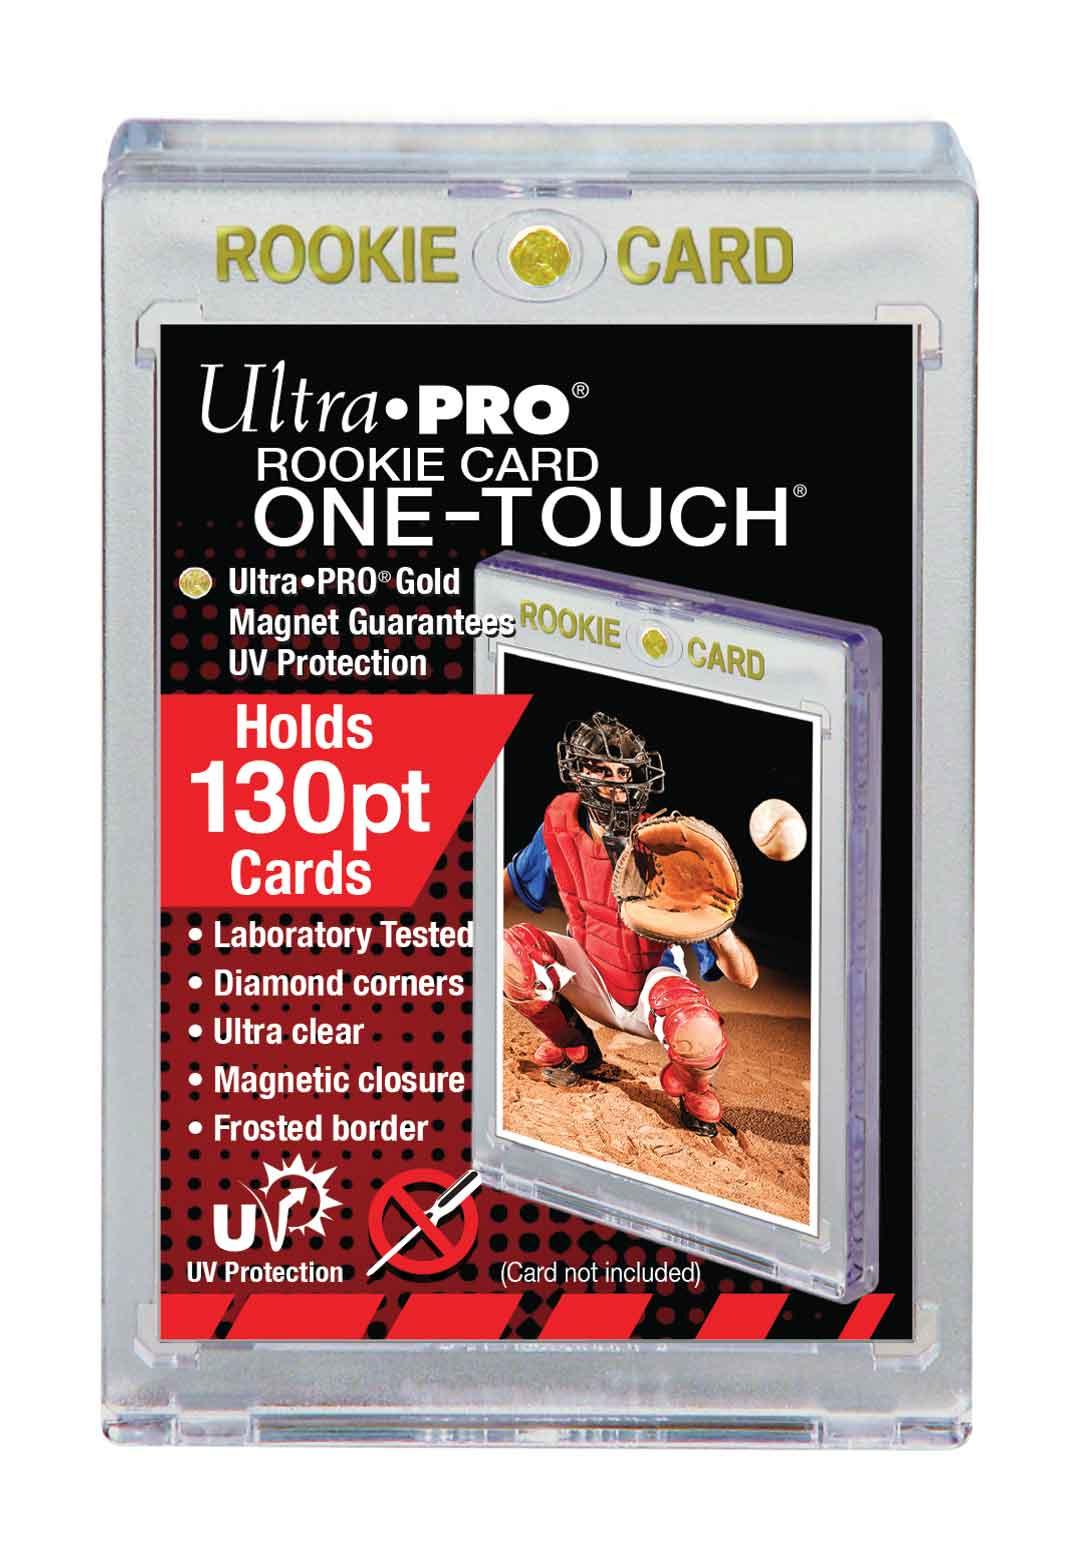 Ultra Pro (ウルトラプロ) UVワンタッチマグネットホルダー ルーキーカード 130PT 3.5mm厚 UV (#82310)